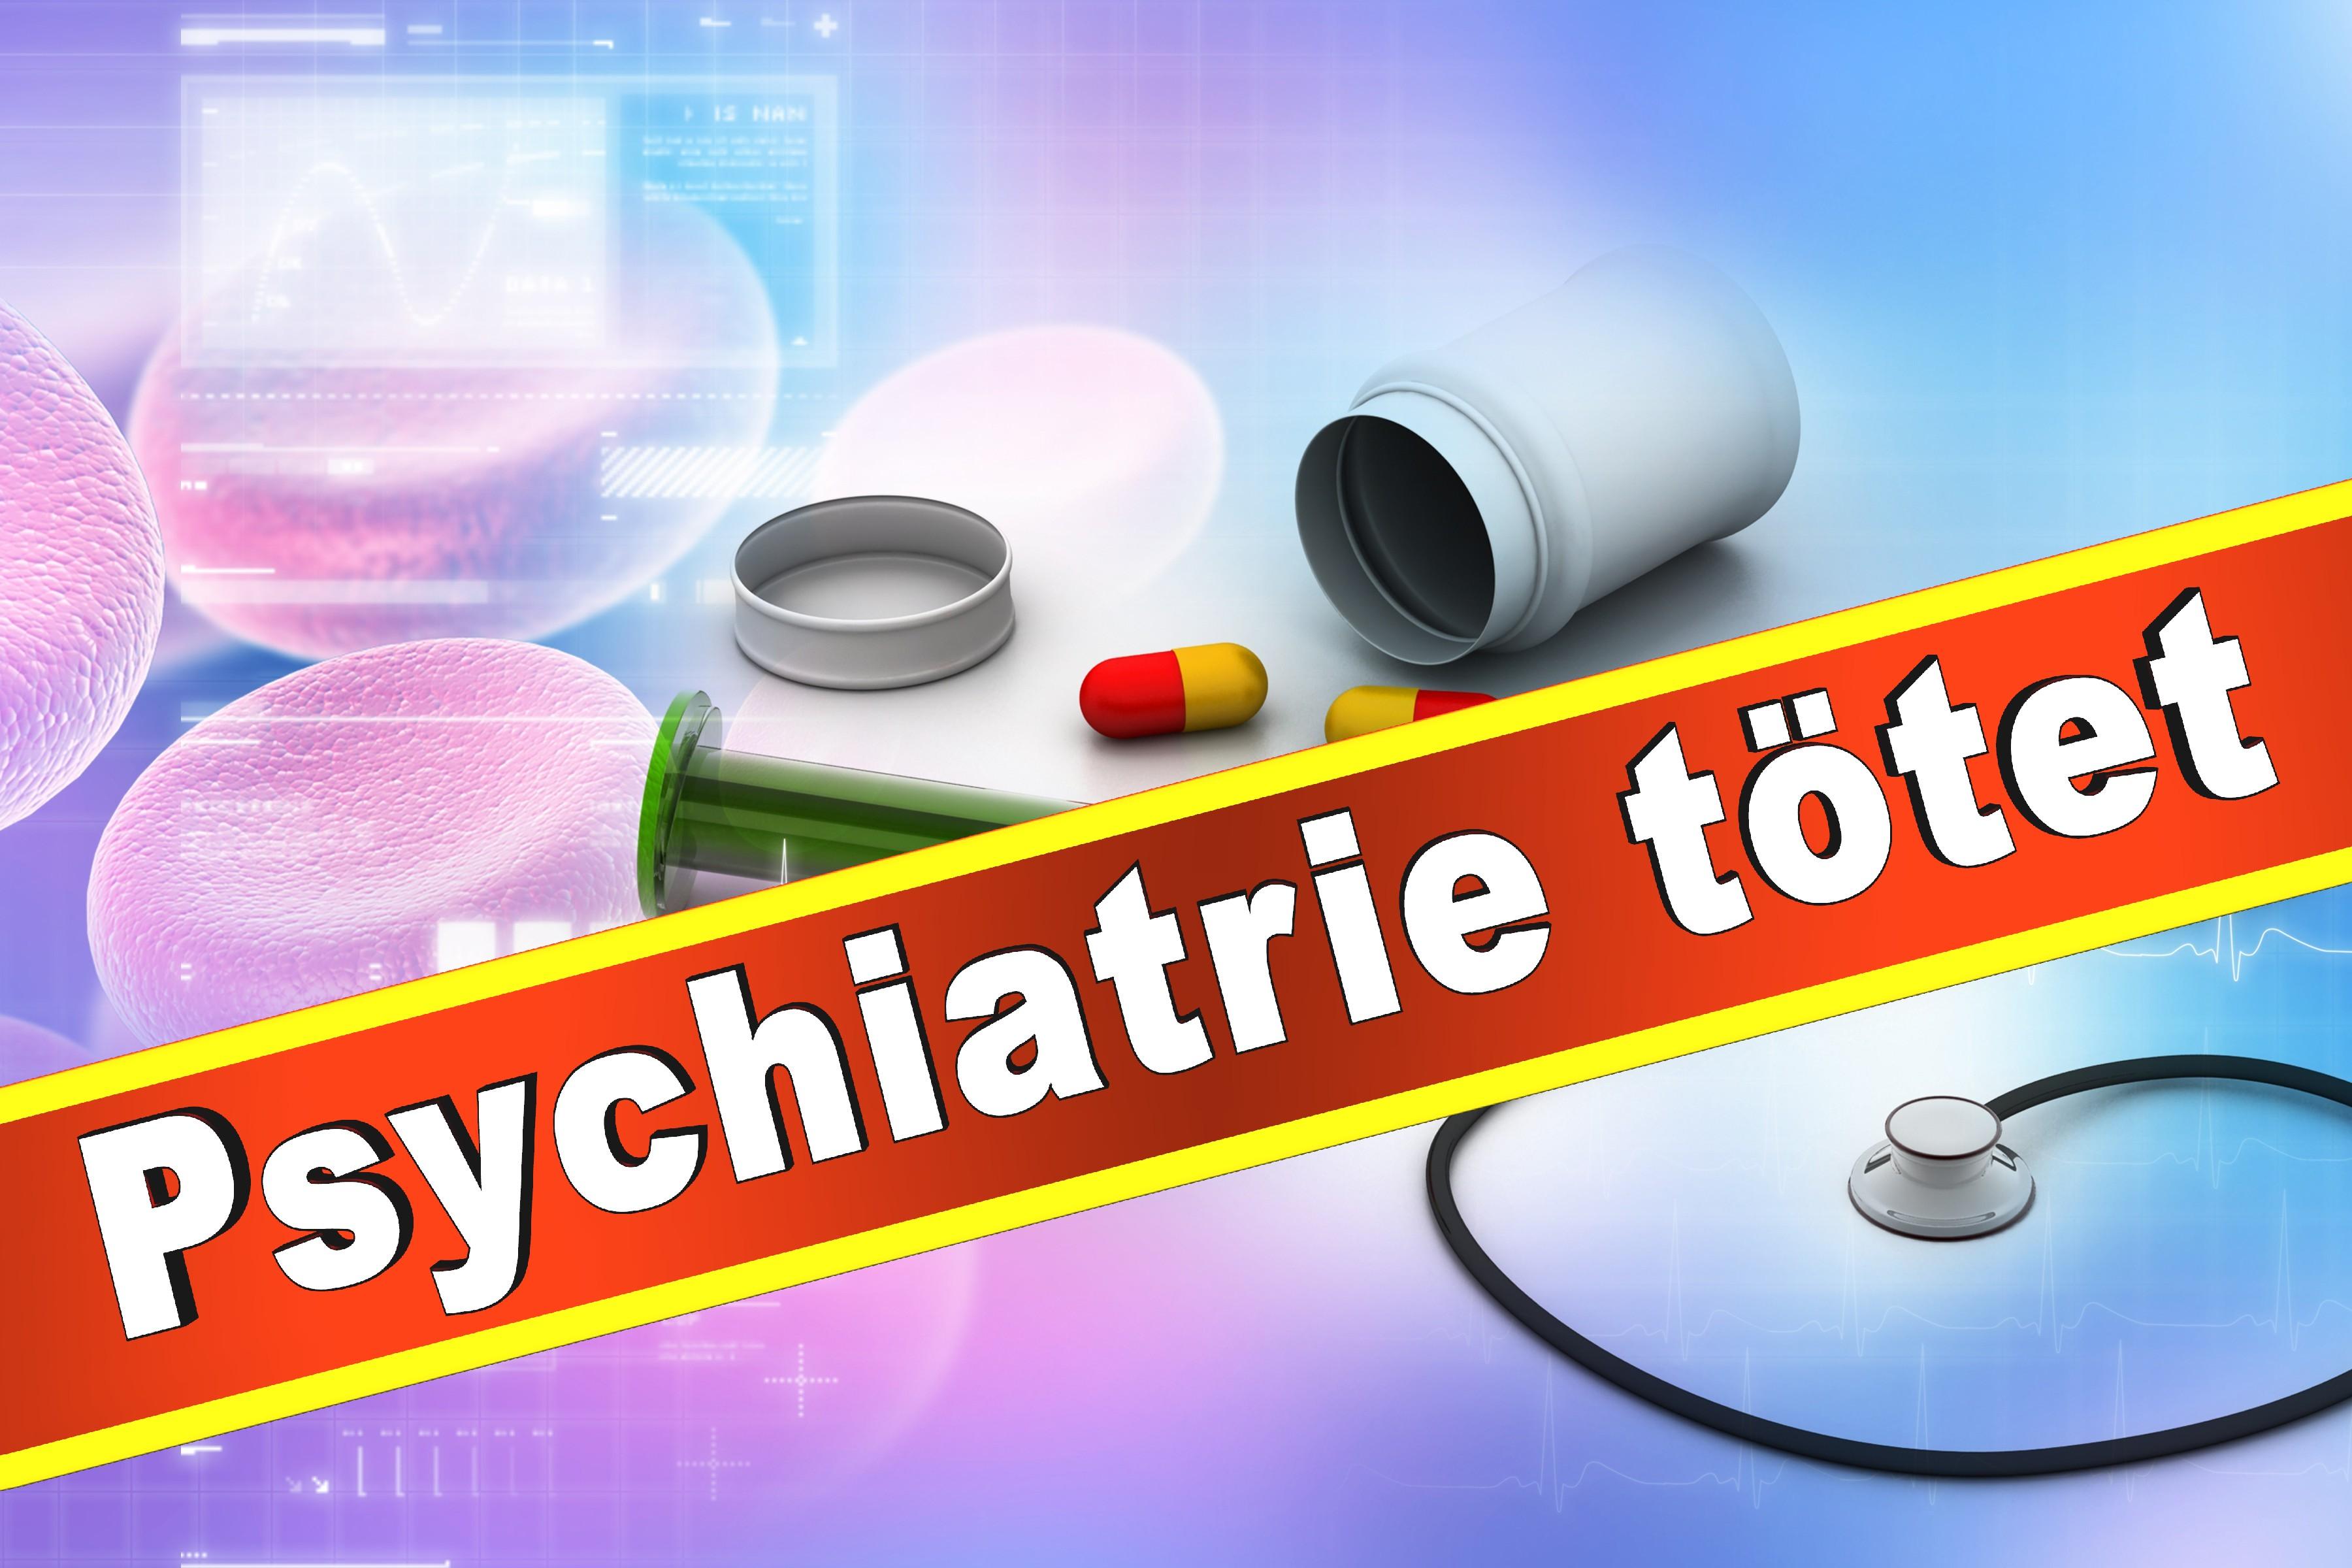 Wielant Machleidt Psychiater Psychotherapeut Professor Praxis Der Interkulturellen Psychiatrie Und Psychotherapie (4)